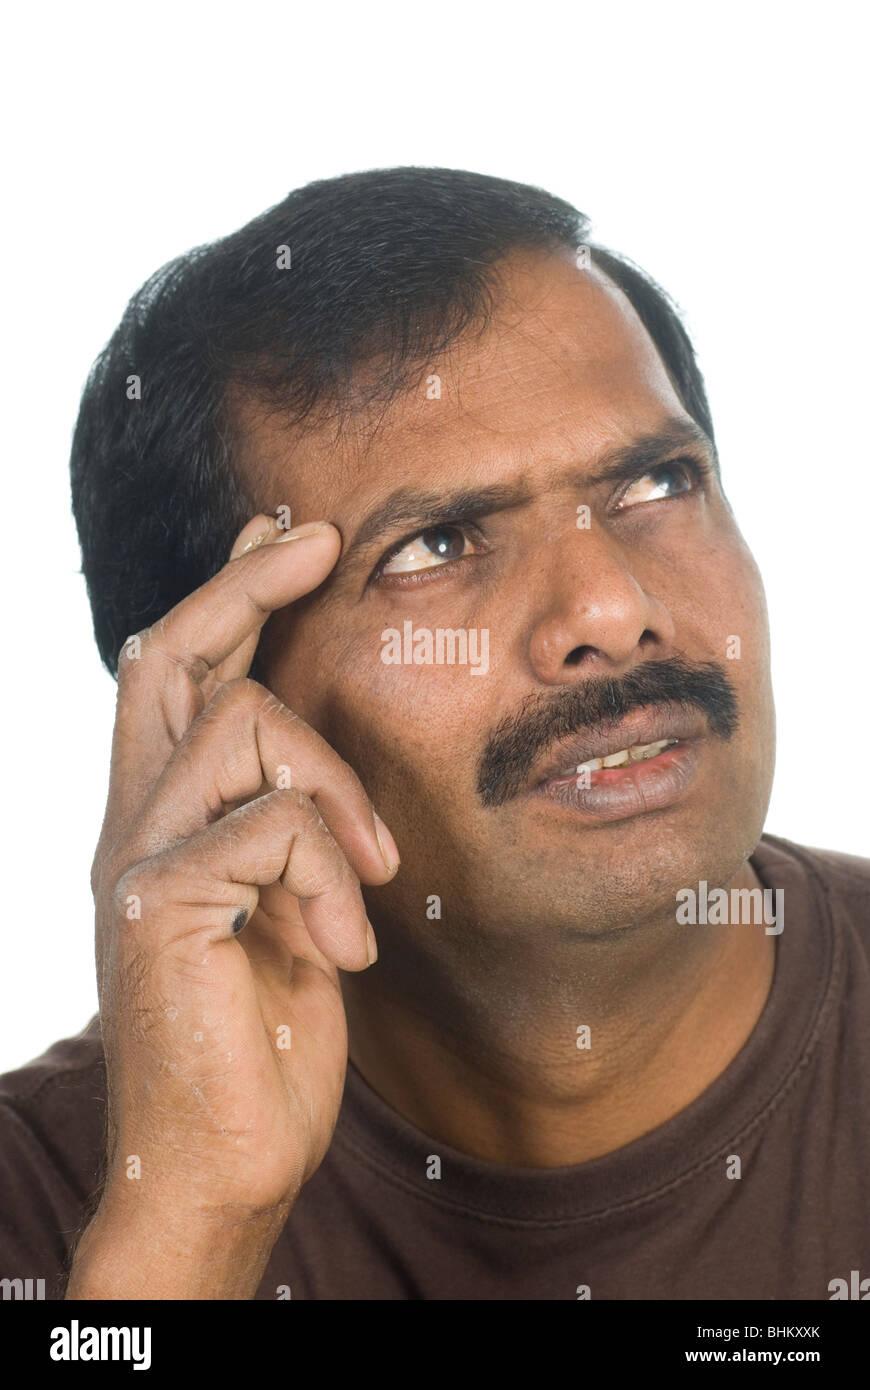 Indischer Mann versucht, etwas gegen einen weißen Hintergrund erinnern Stockbild